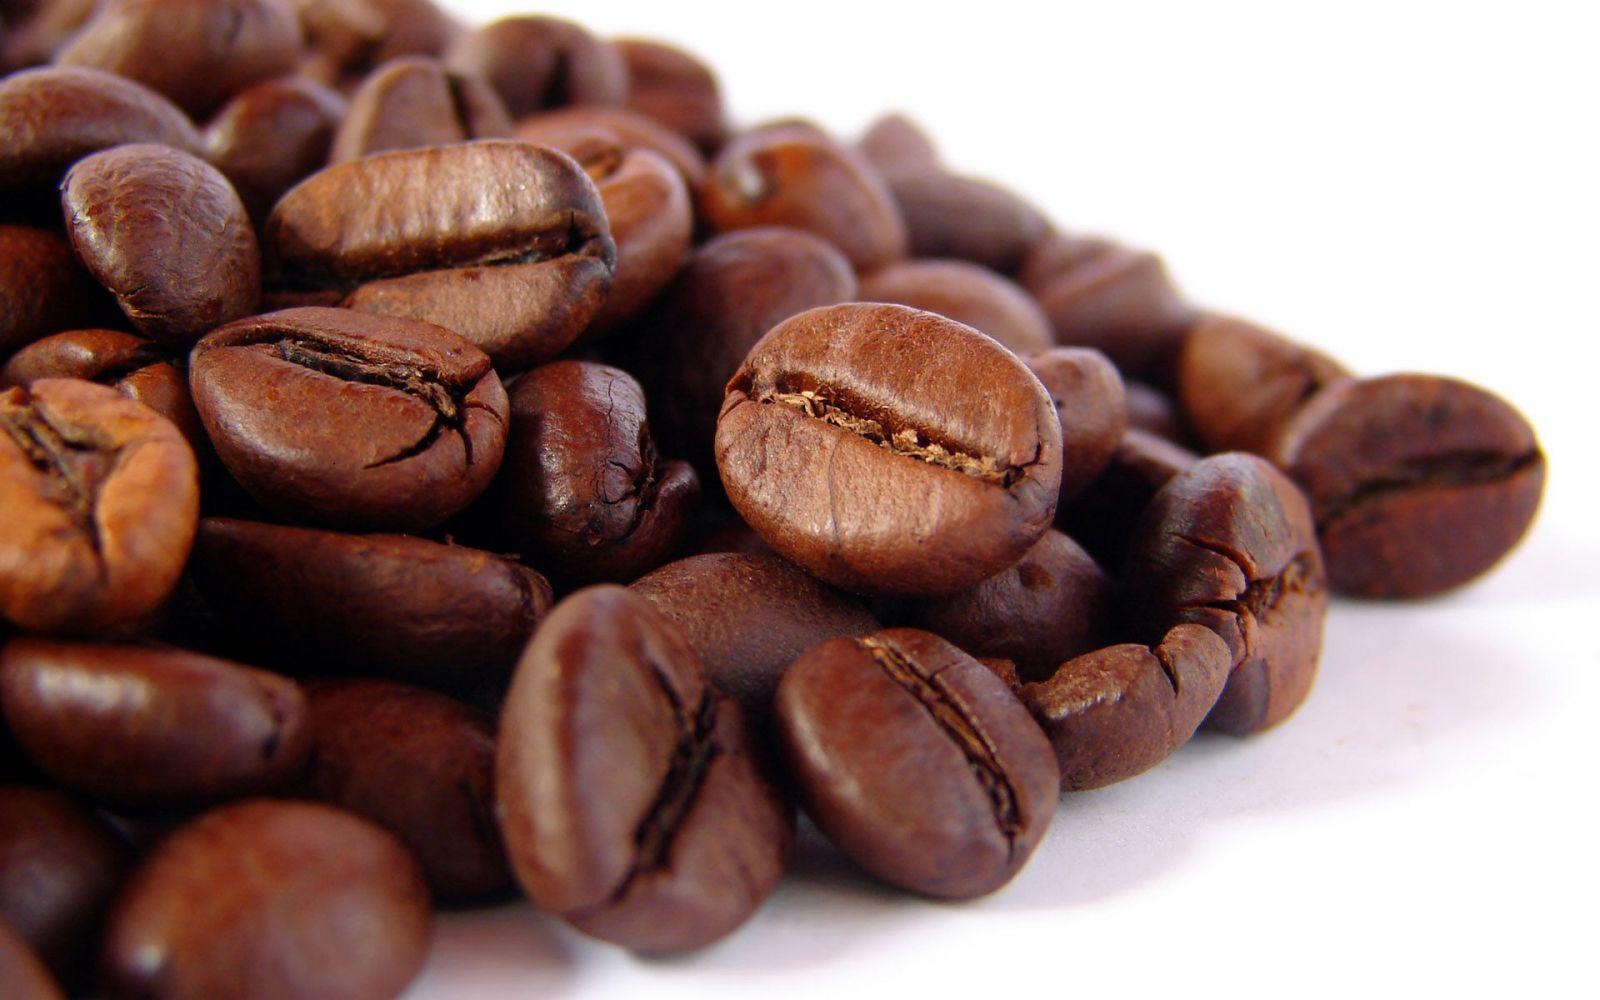 Cà phê rang mộc nguyên chất không bị trộn tẩm phụ gia.